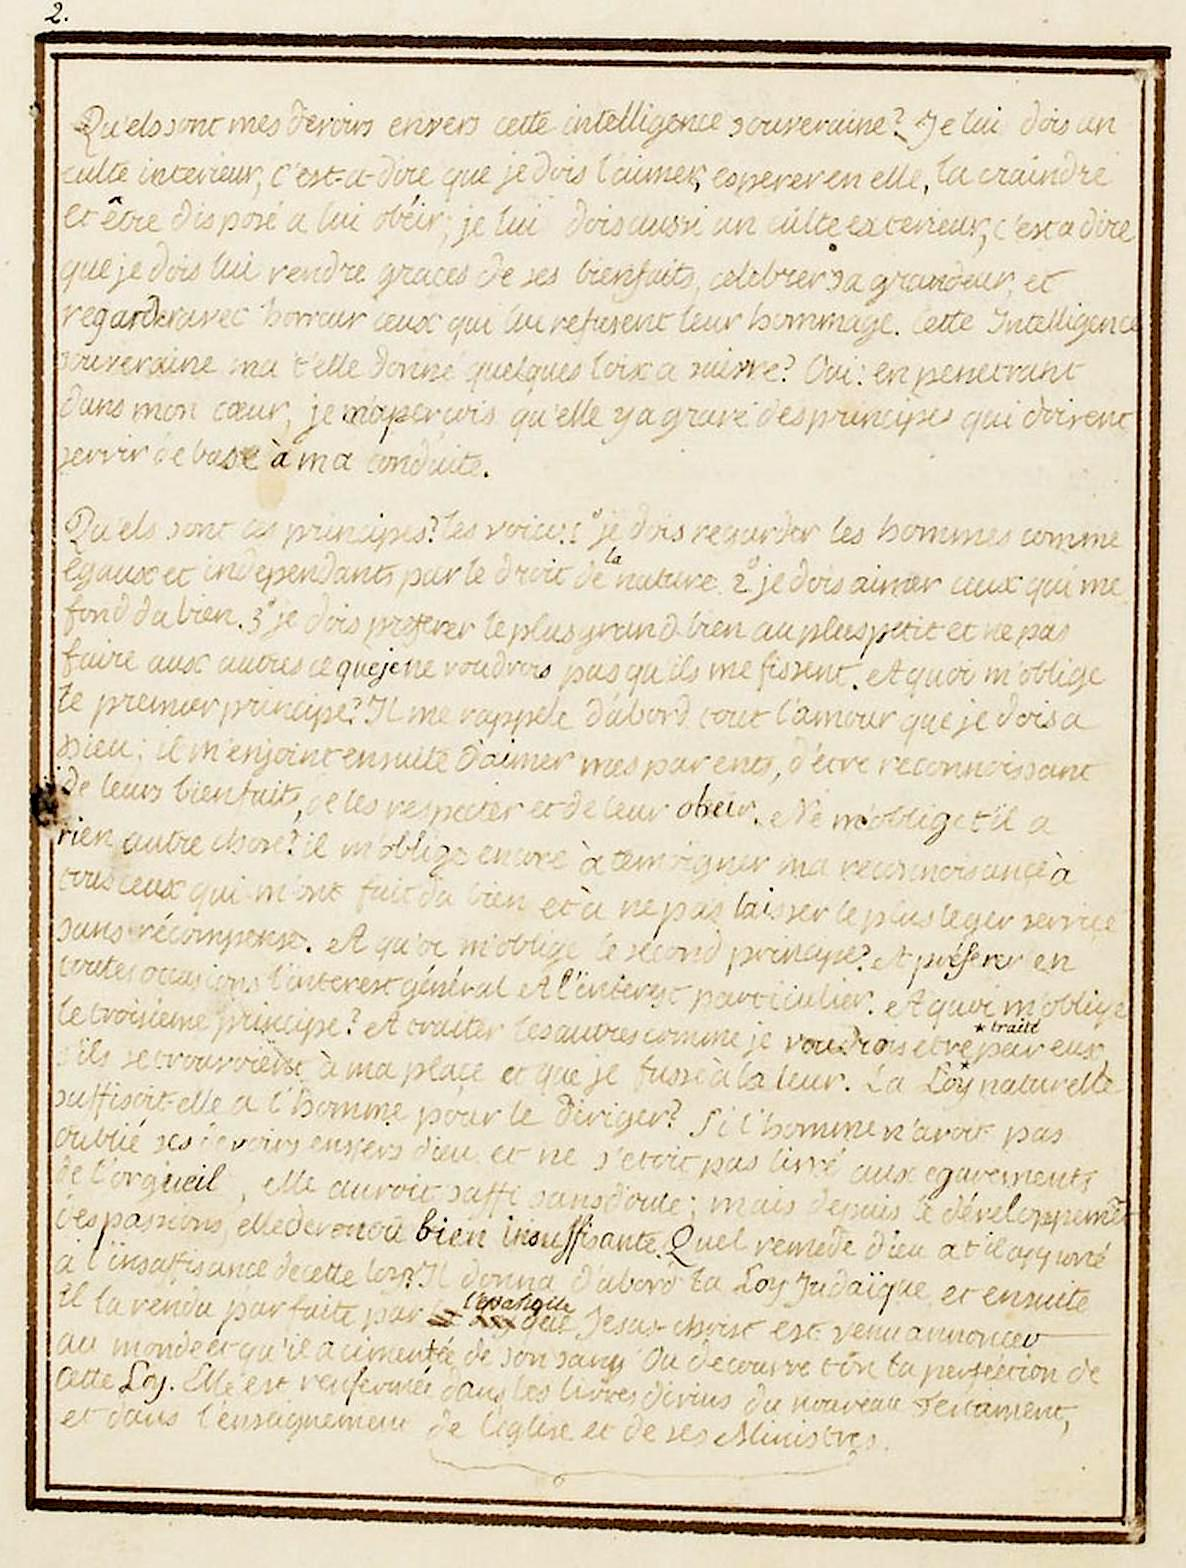 Le Journal du roi Louis XVI et ses Reflexions sur ses entretiens avec Mr le Duc de la Vauguyon 226